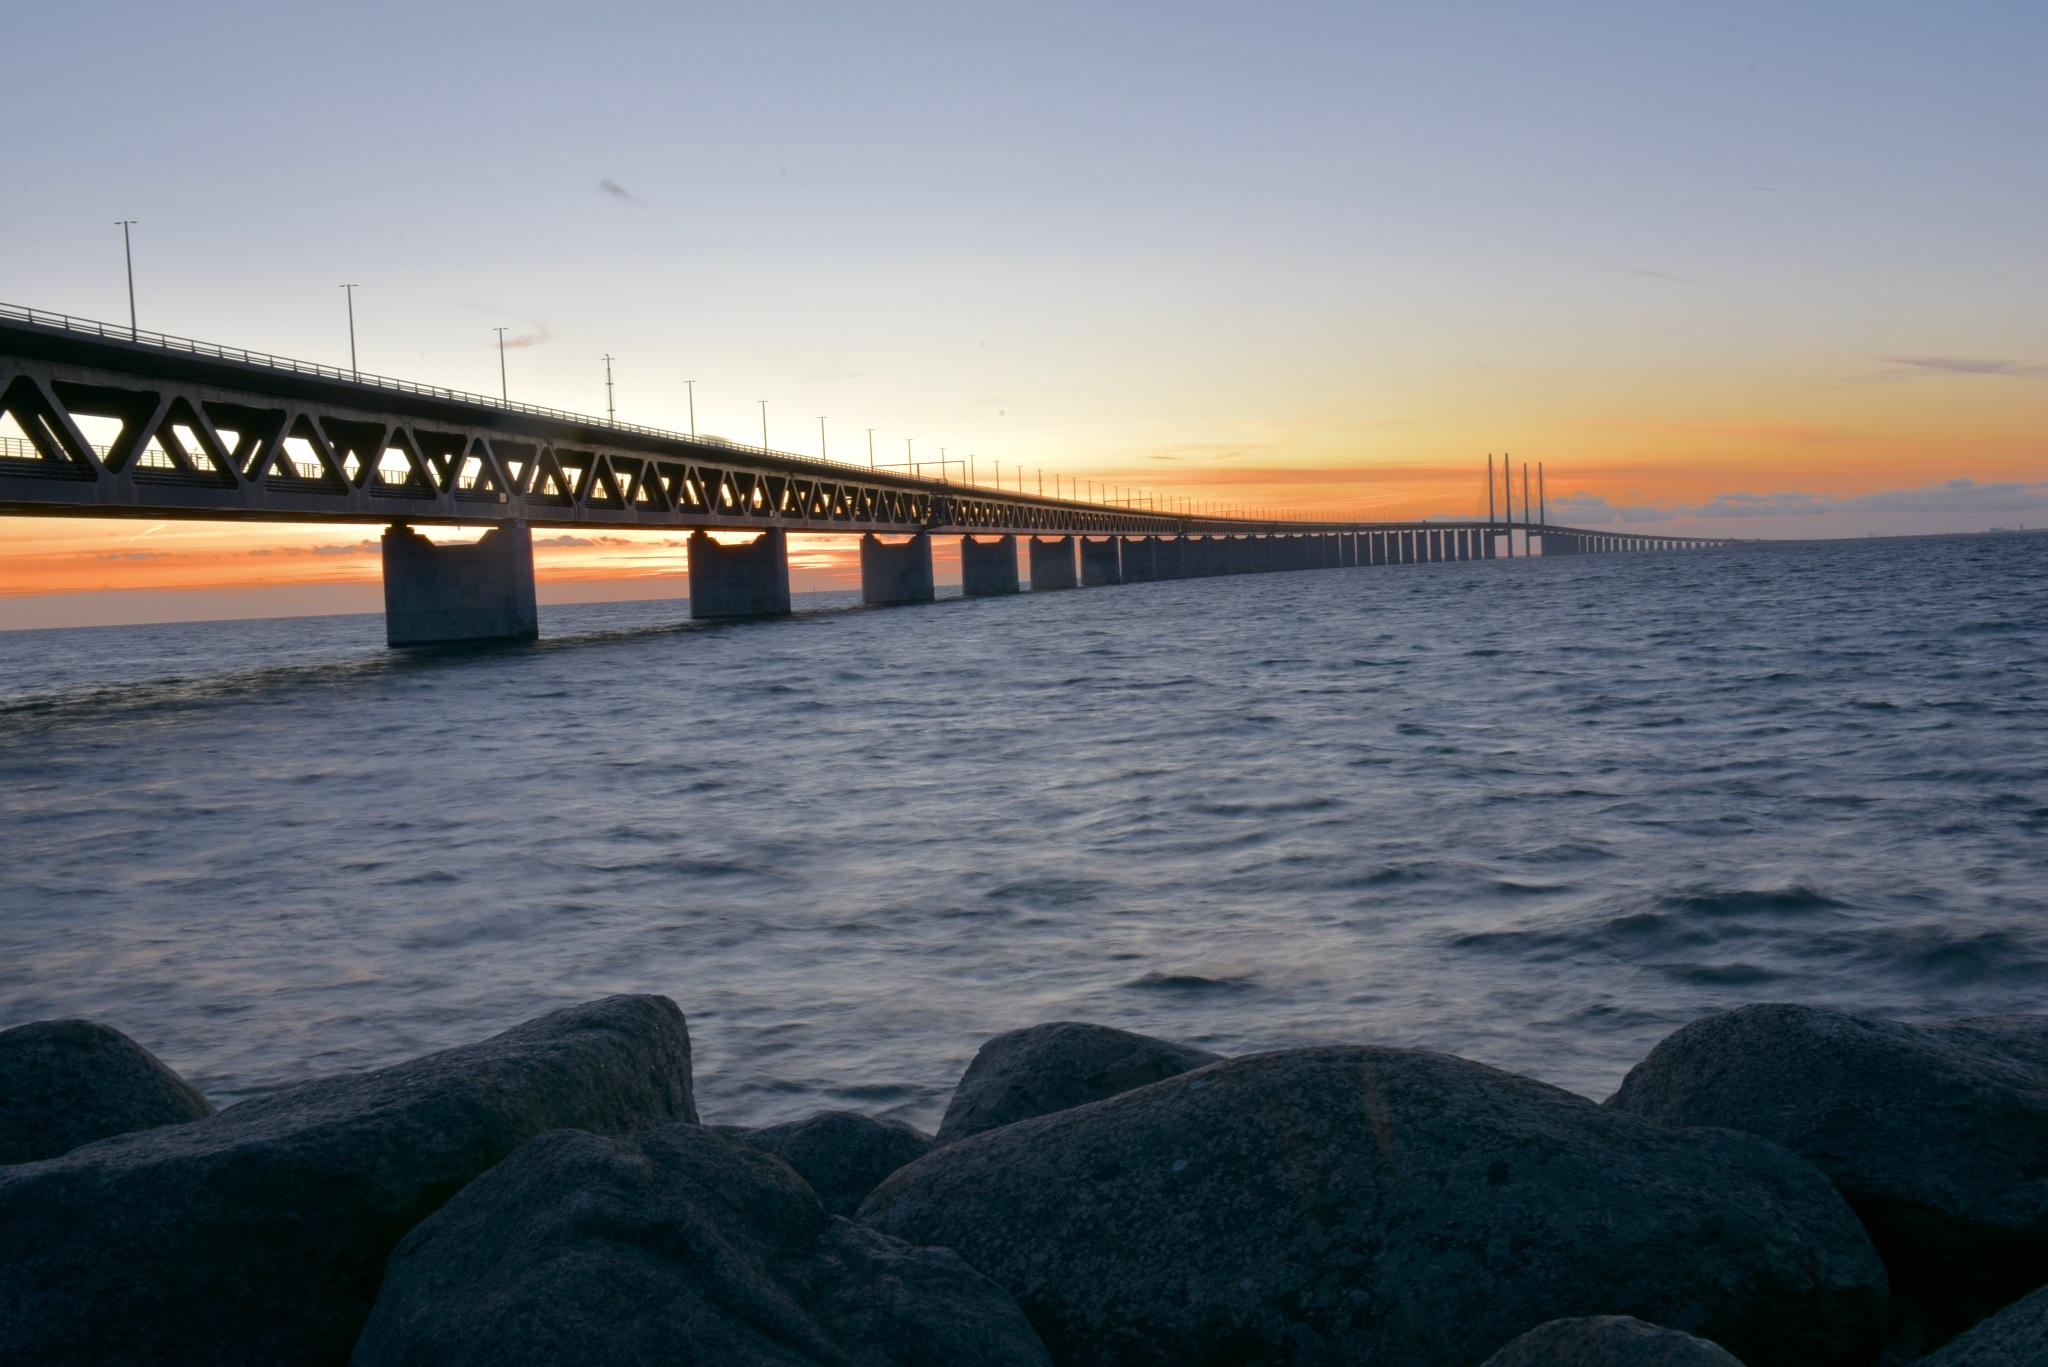 Oresund bridge 6! by Memed Bayatli